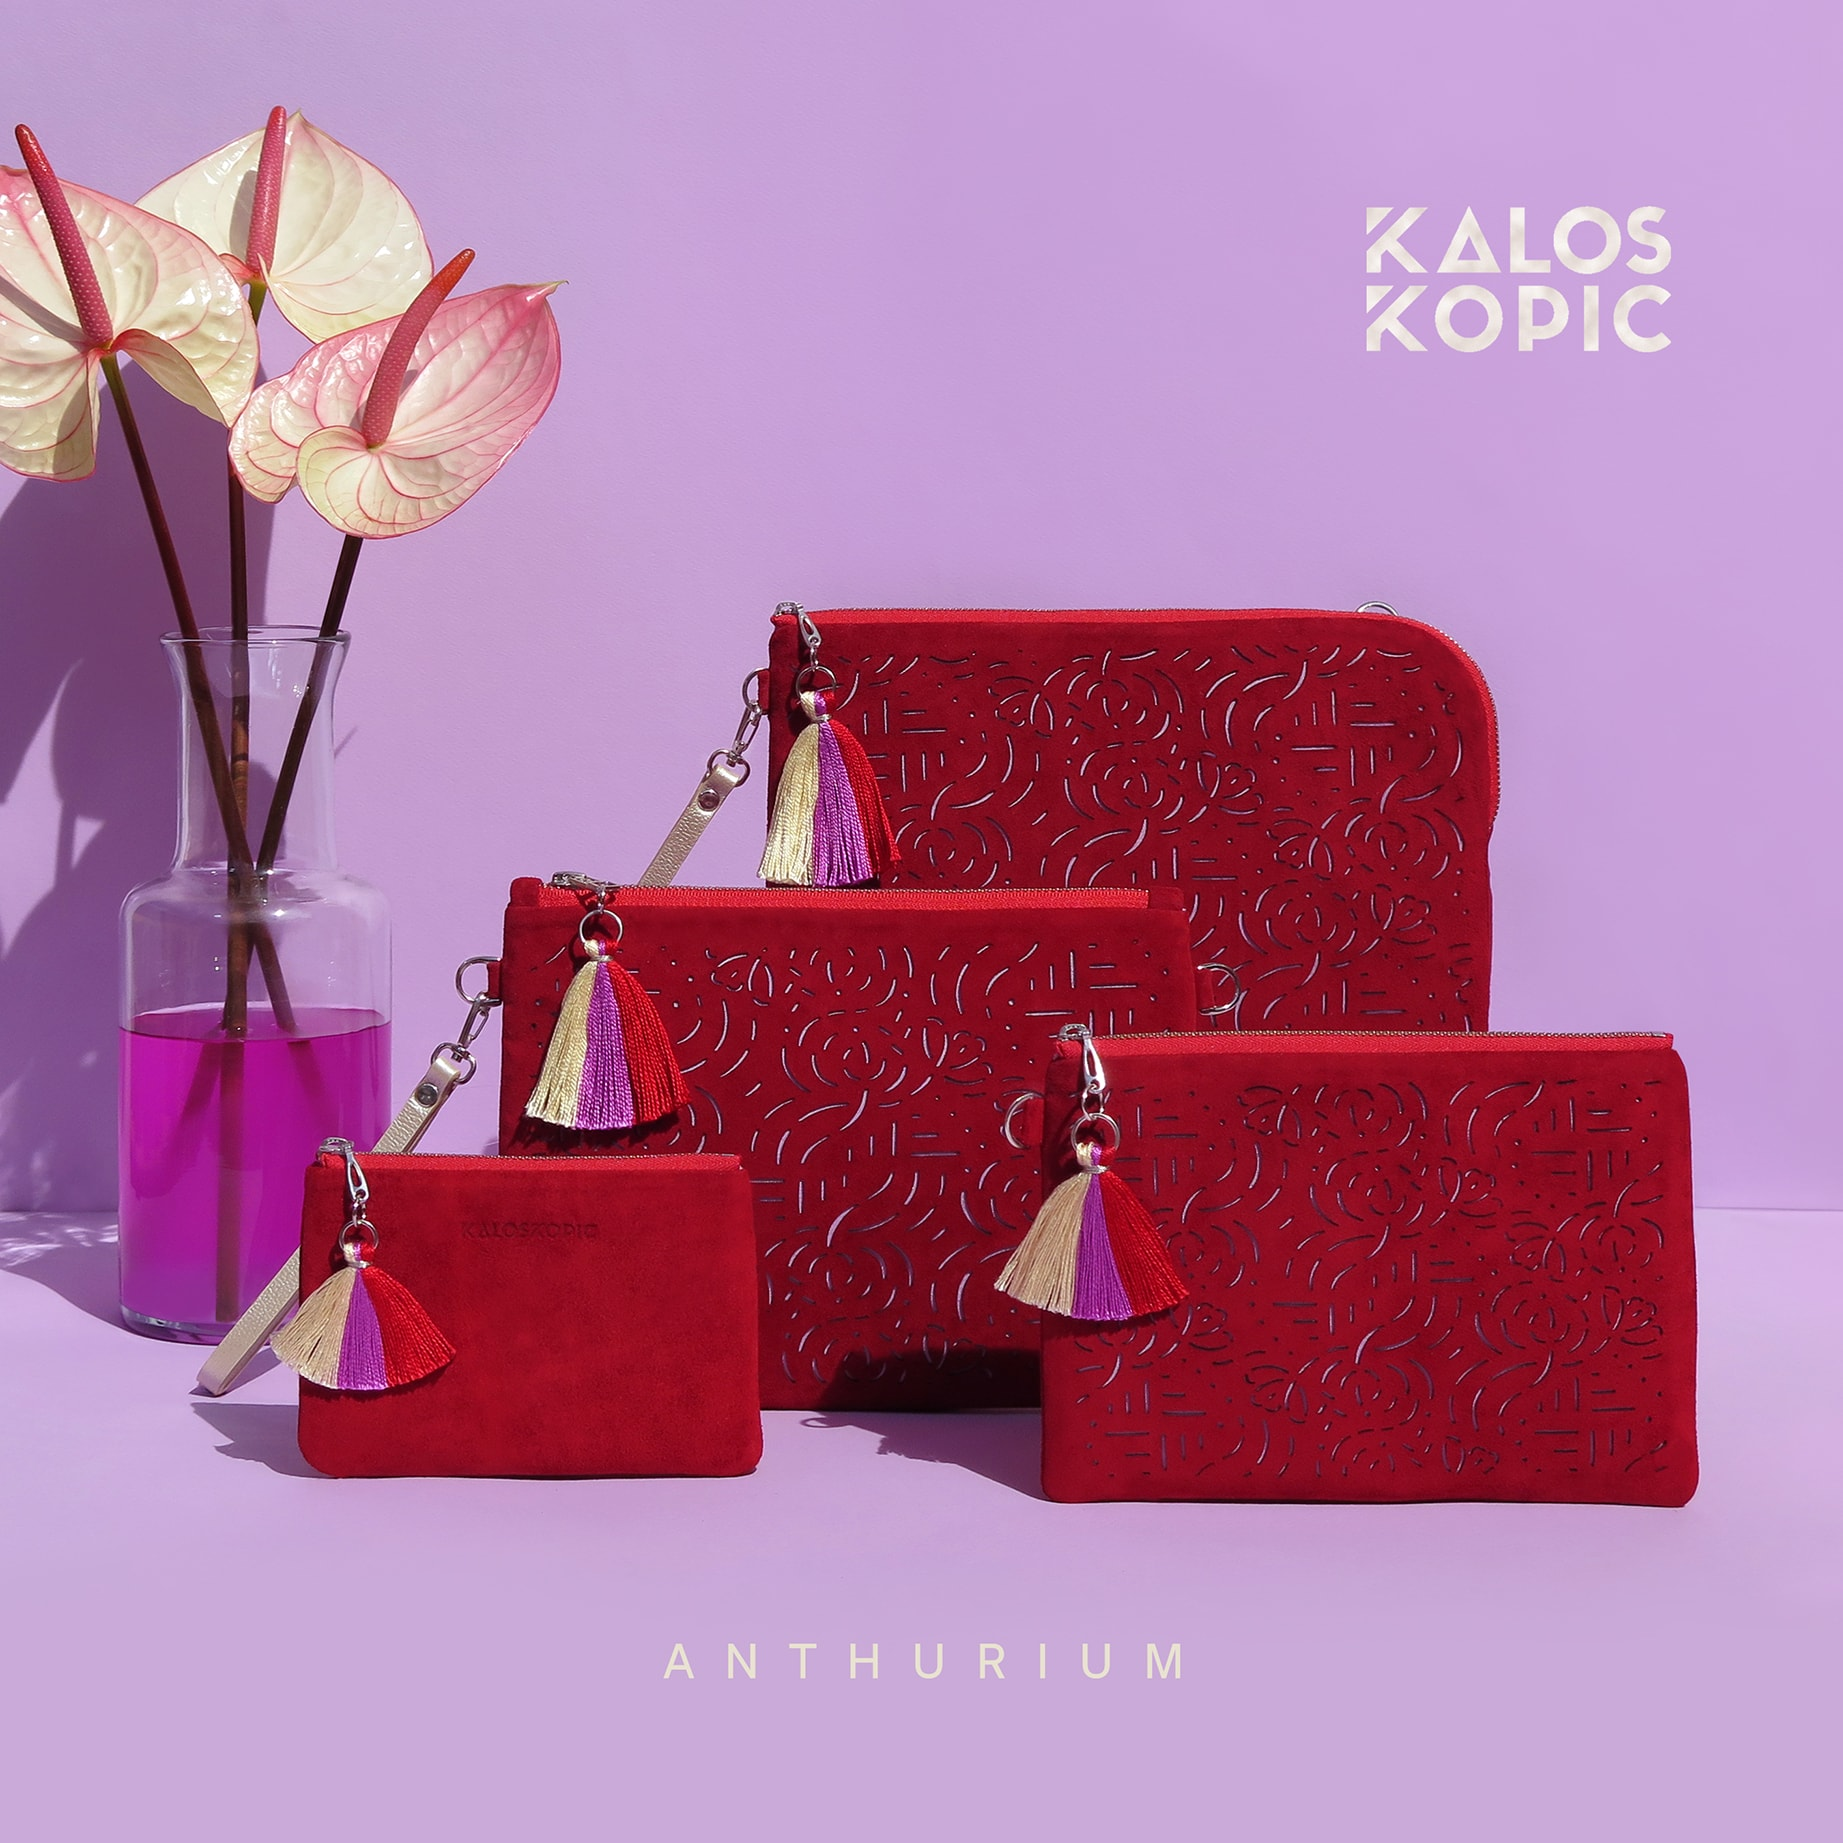 Kaloskopic handmade bags